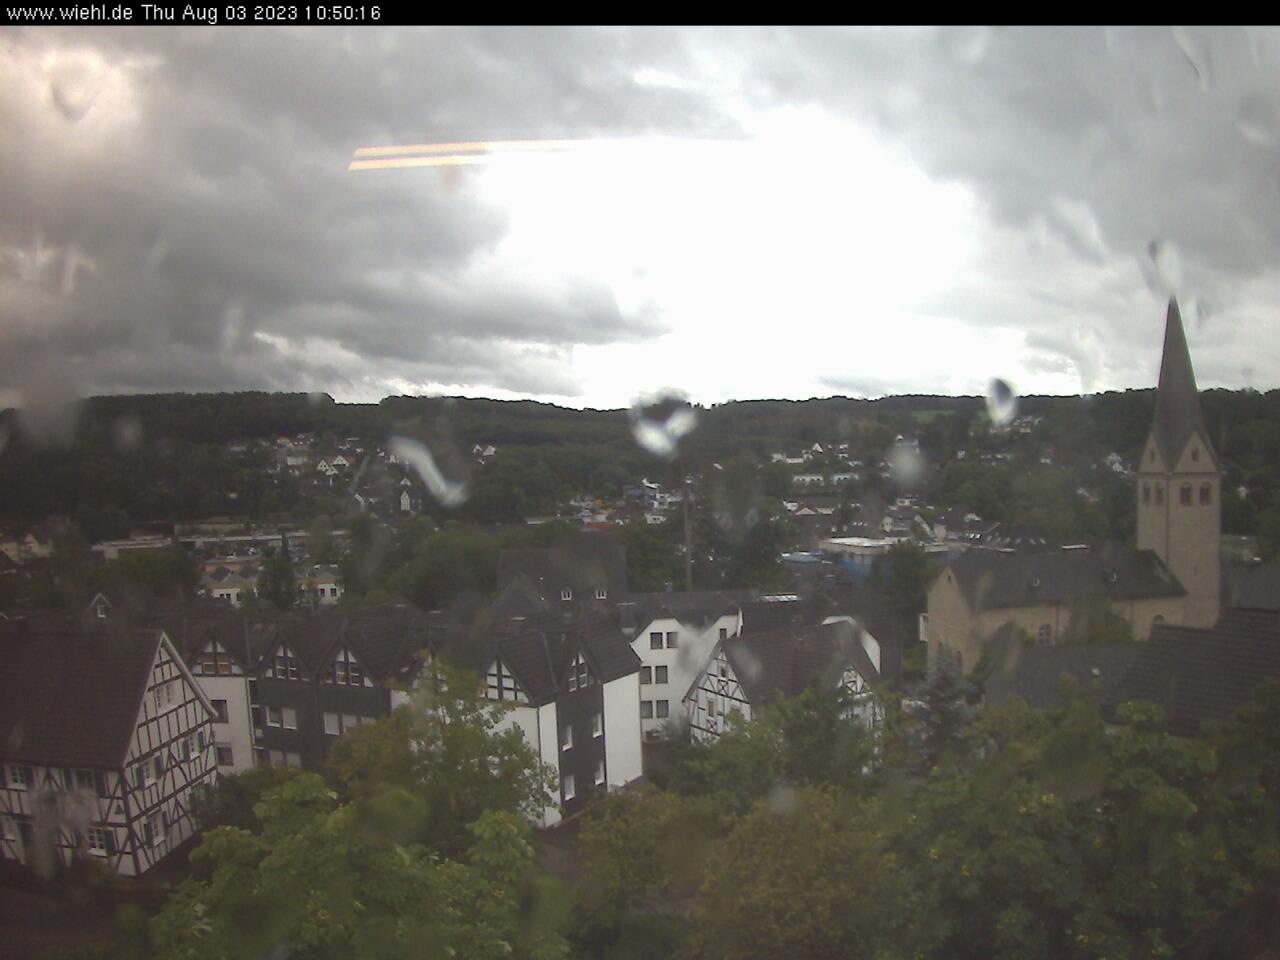 Wiehler Webcam - Ein Blick �ber die D�cher von Wiehl